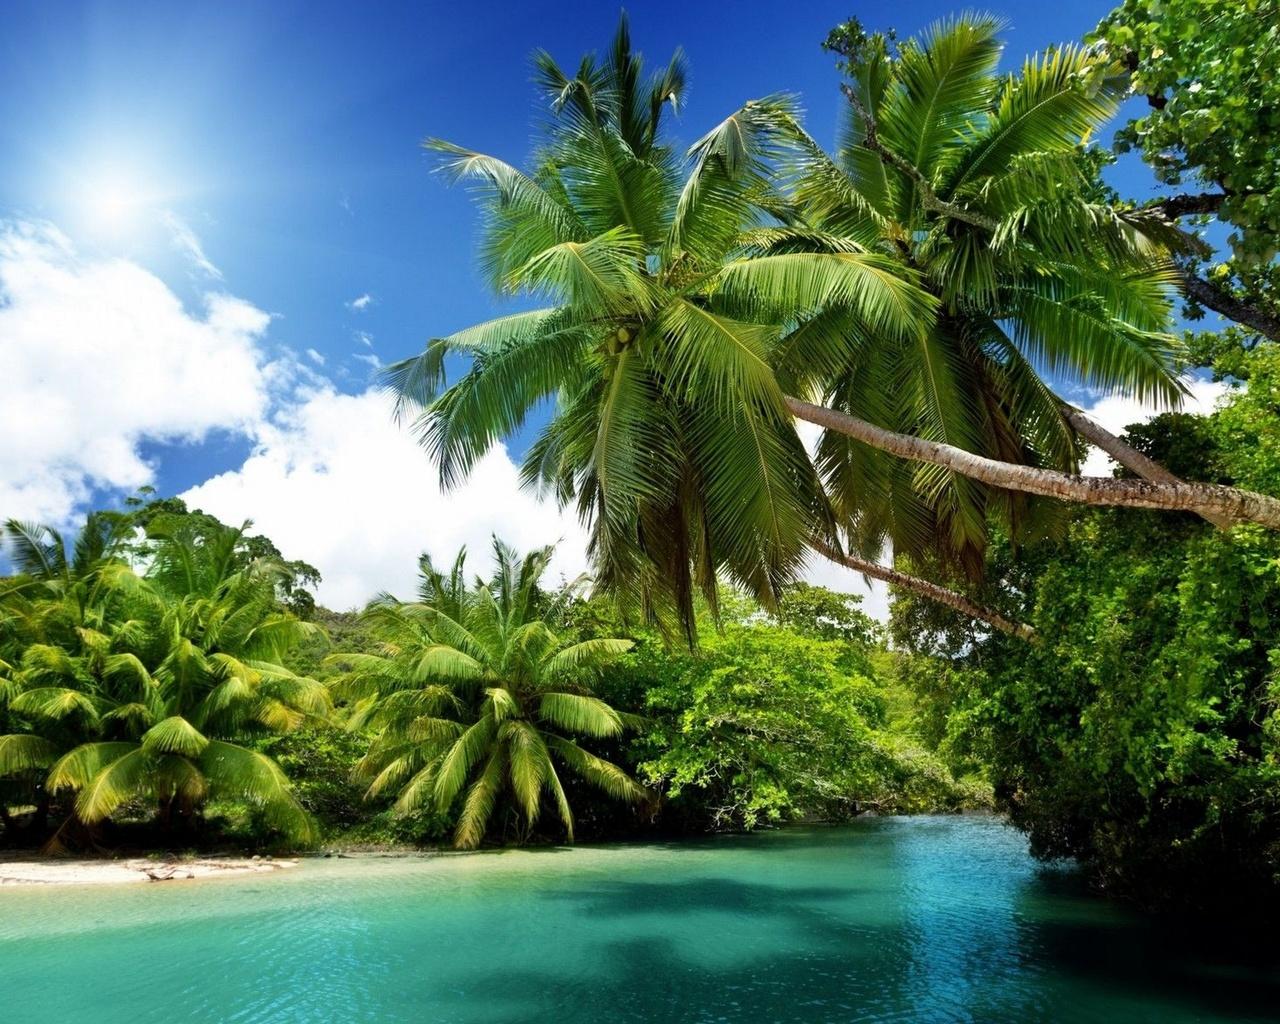 Картинка с океаном и пальмой, космосе картинки говорящие